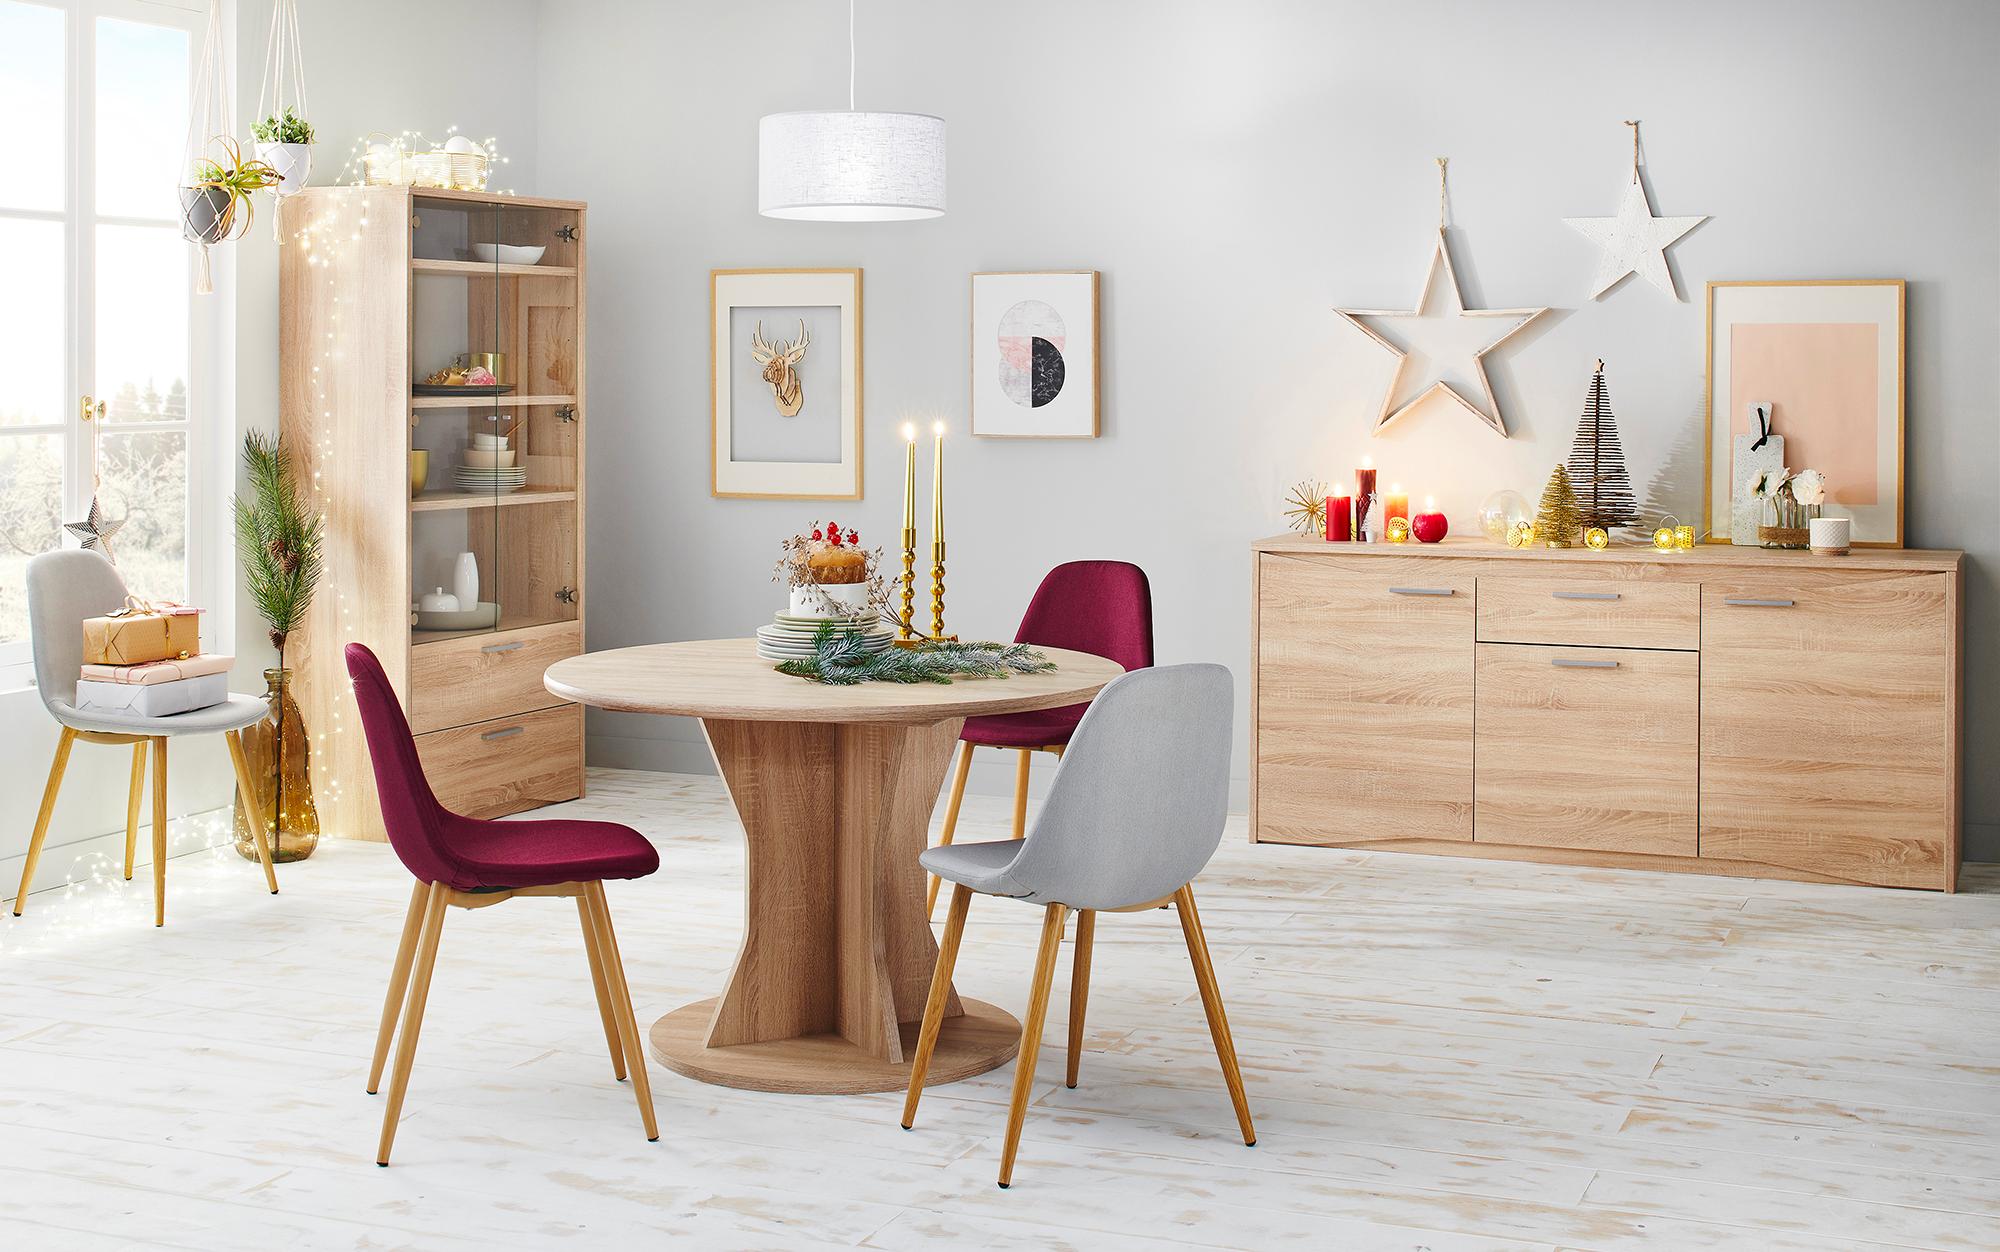 Chaise Lynette 2 Framboise Decoration Maison Mobilier De Cuisine Decoration Interieure